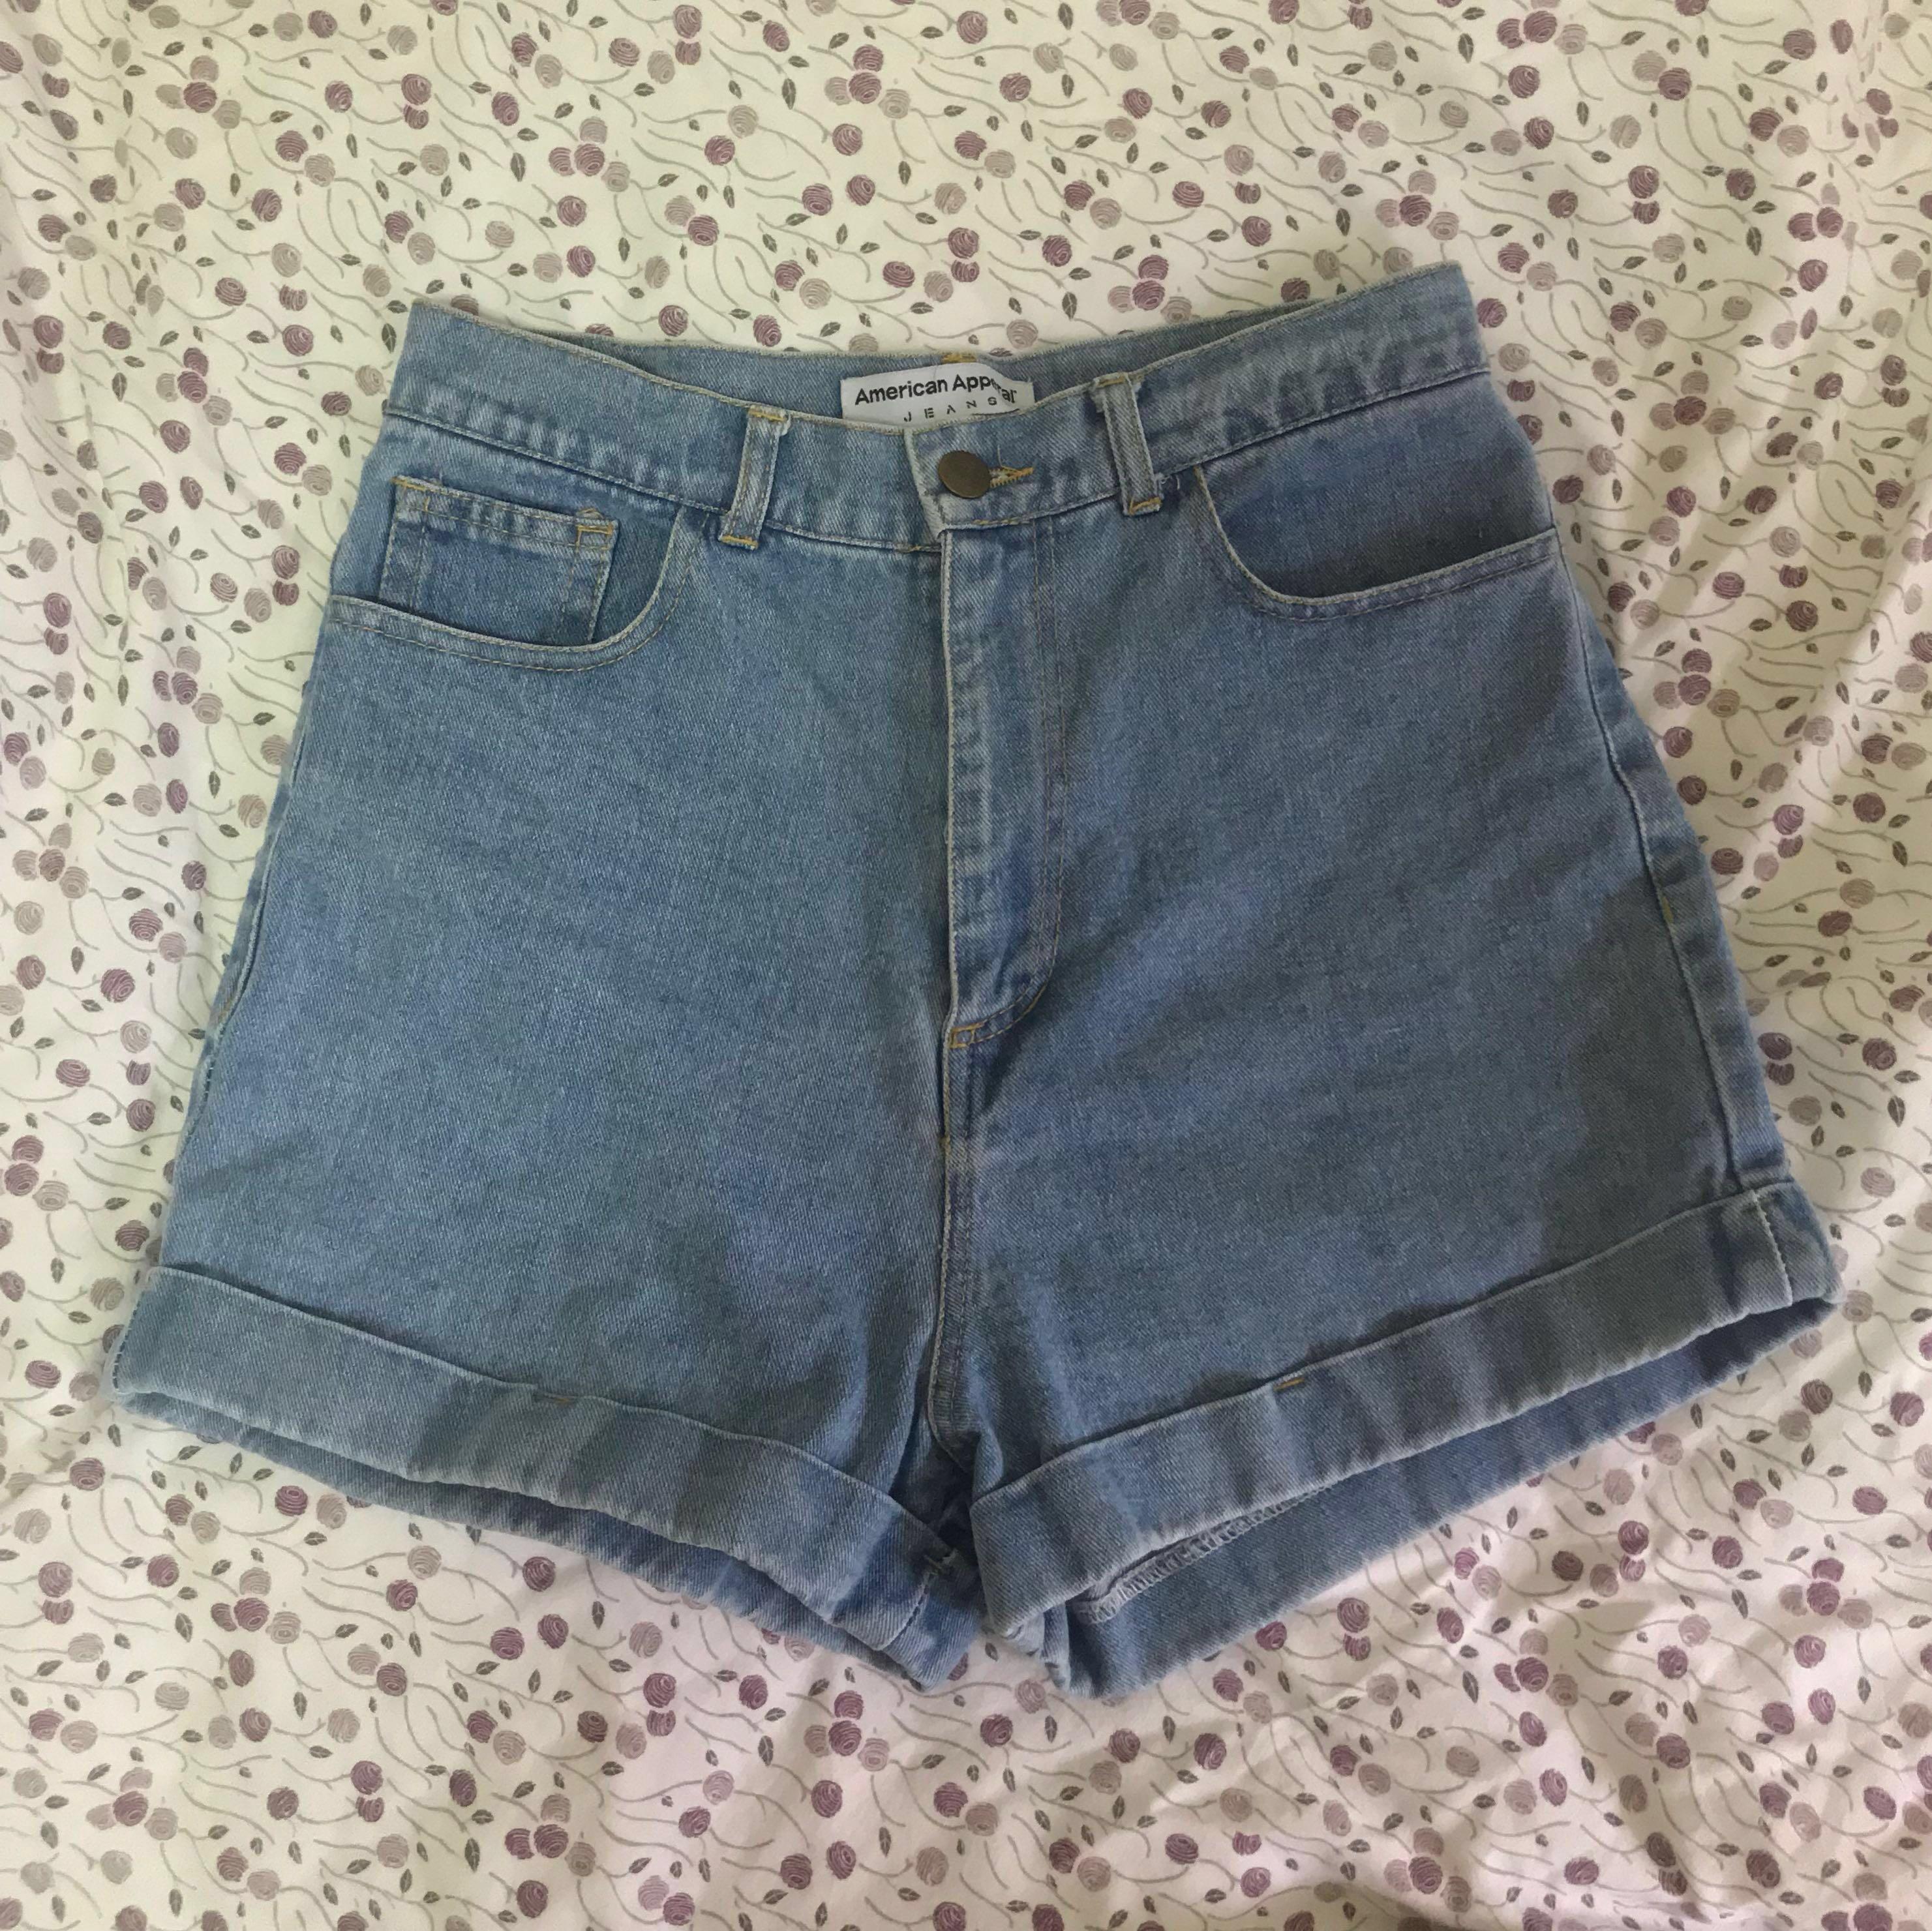 fb25fd1c27 ... Clothes · Pants, Jeans & Shorts. photo photo photo photo photo